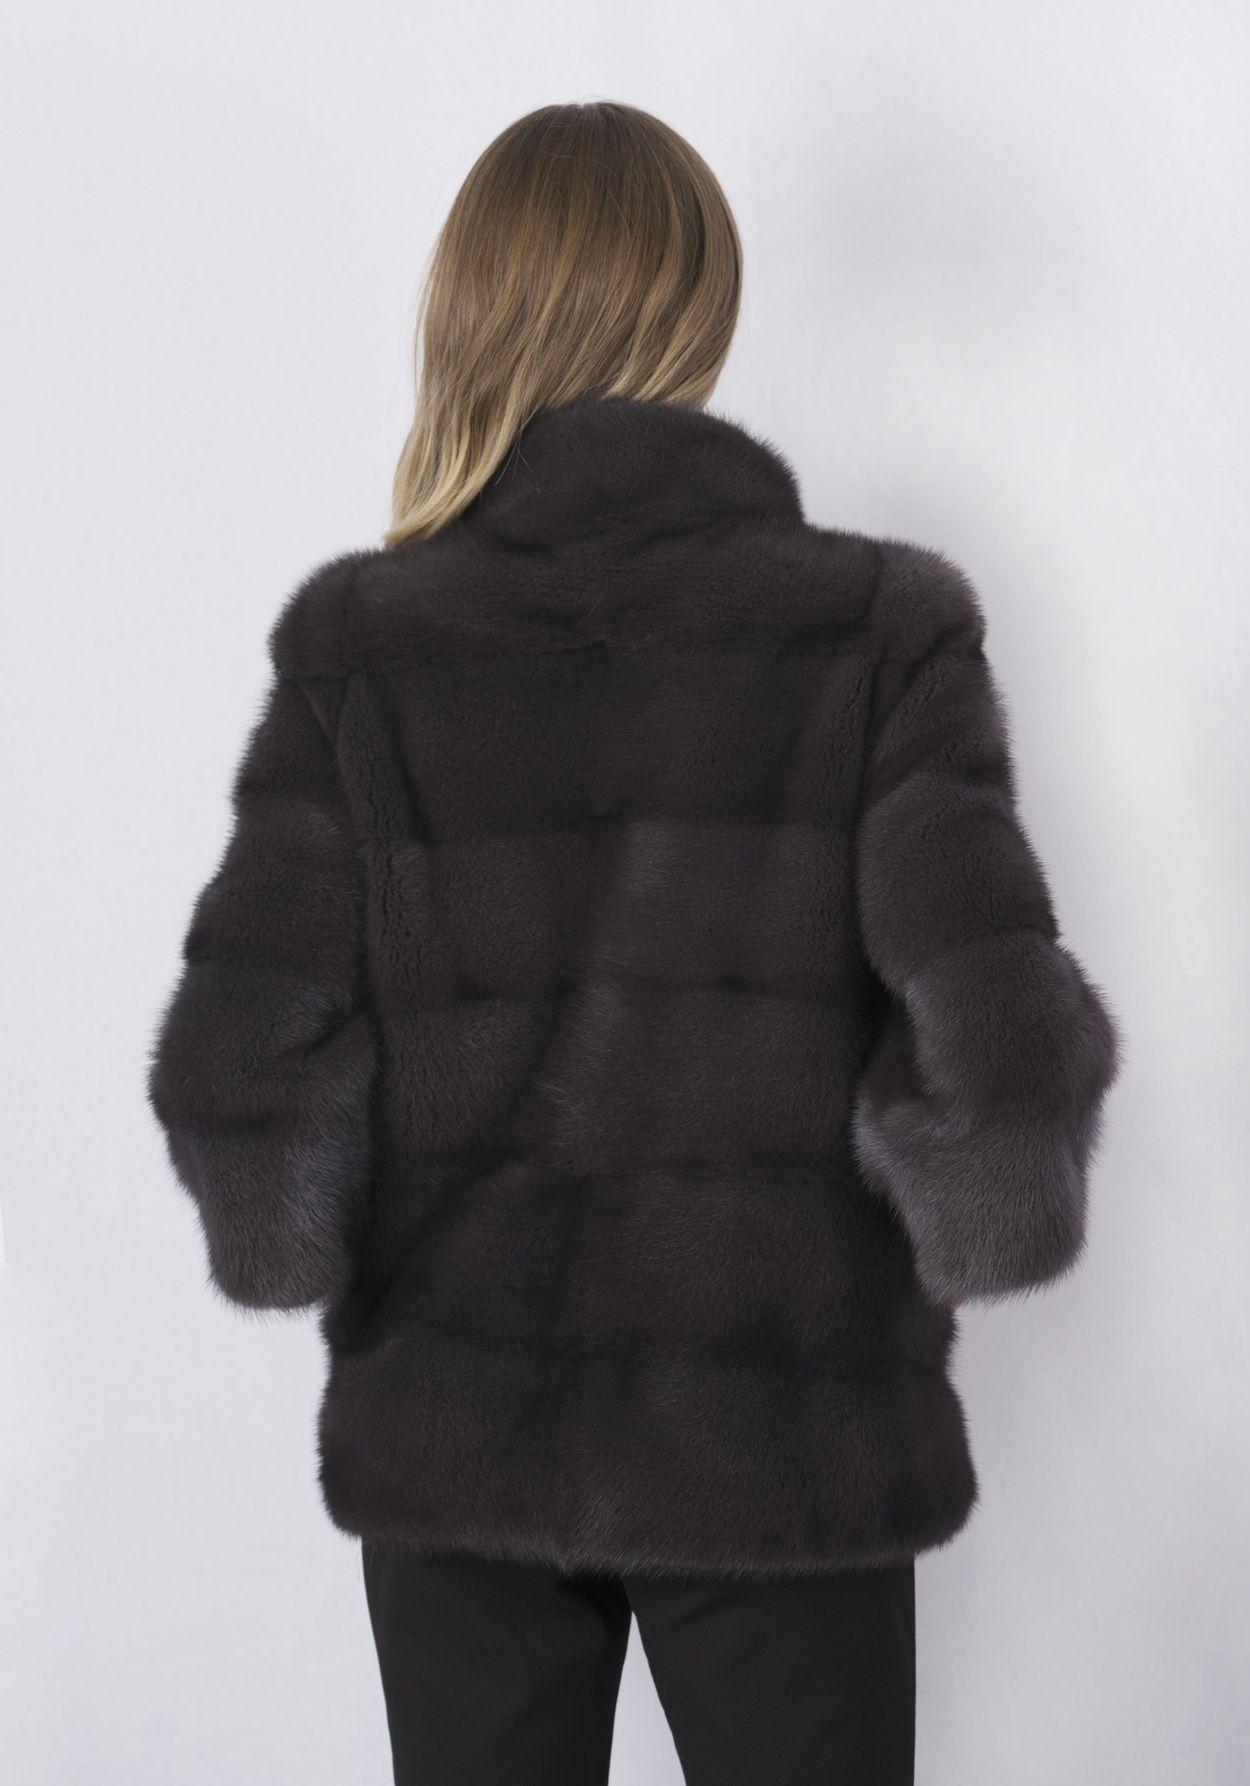 Шуба женская норковая 15943 фото №1